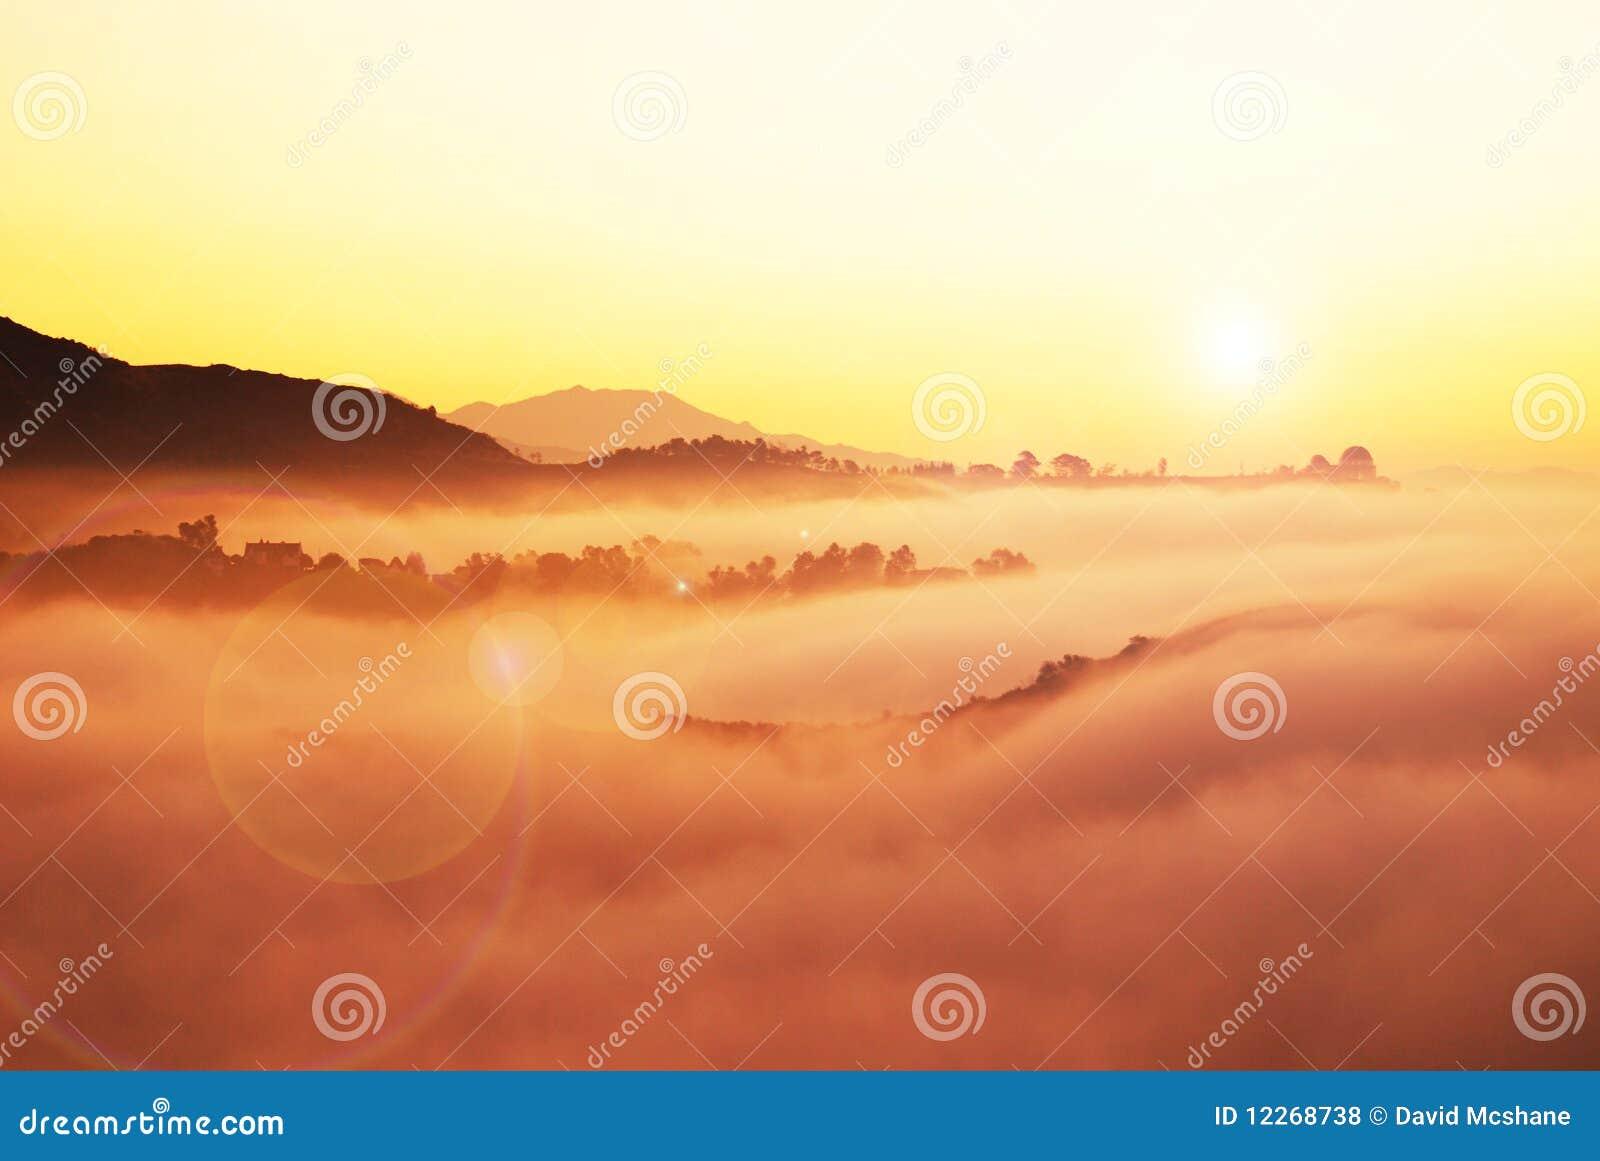 Nad Mgła